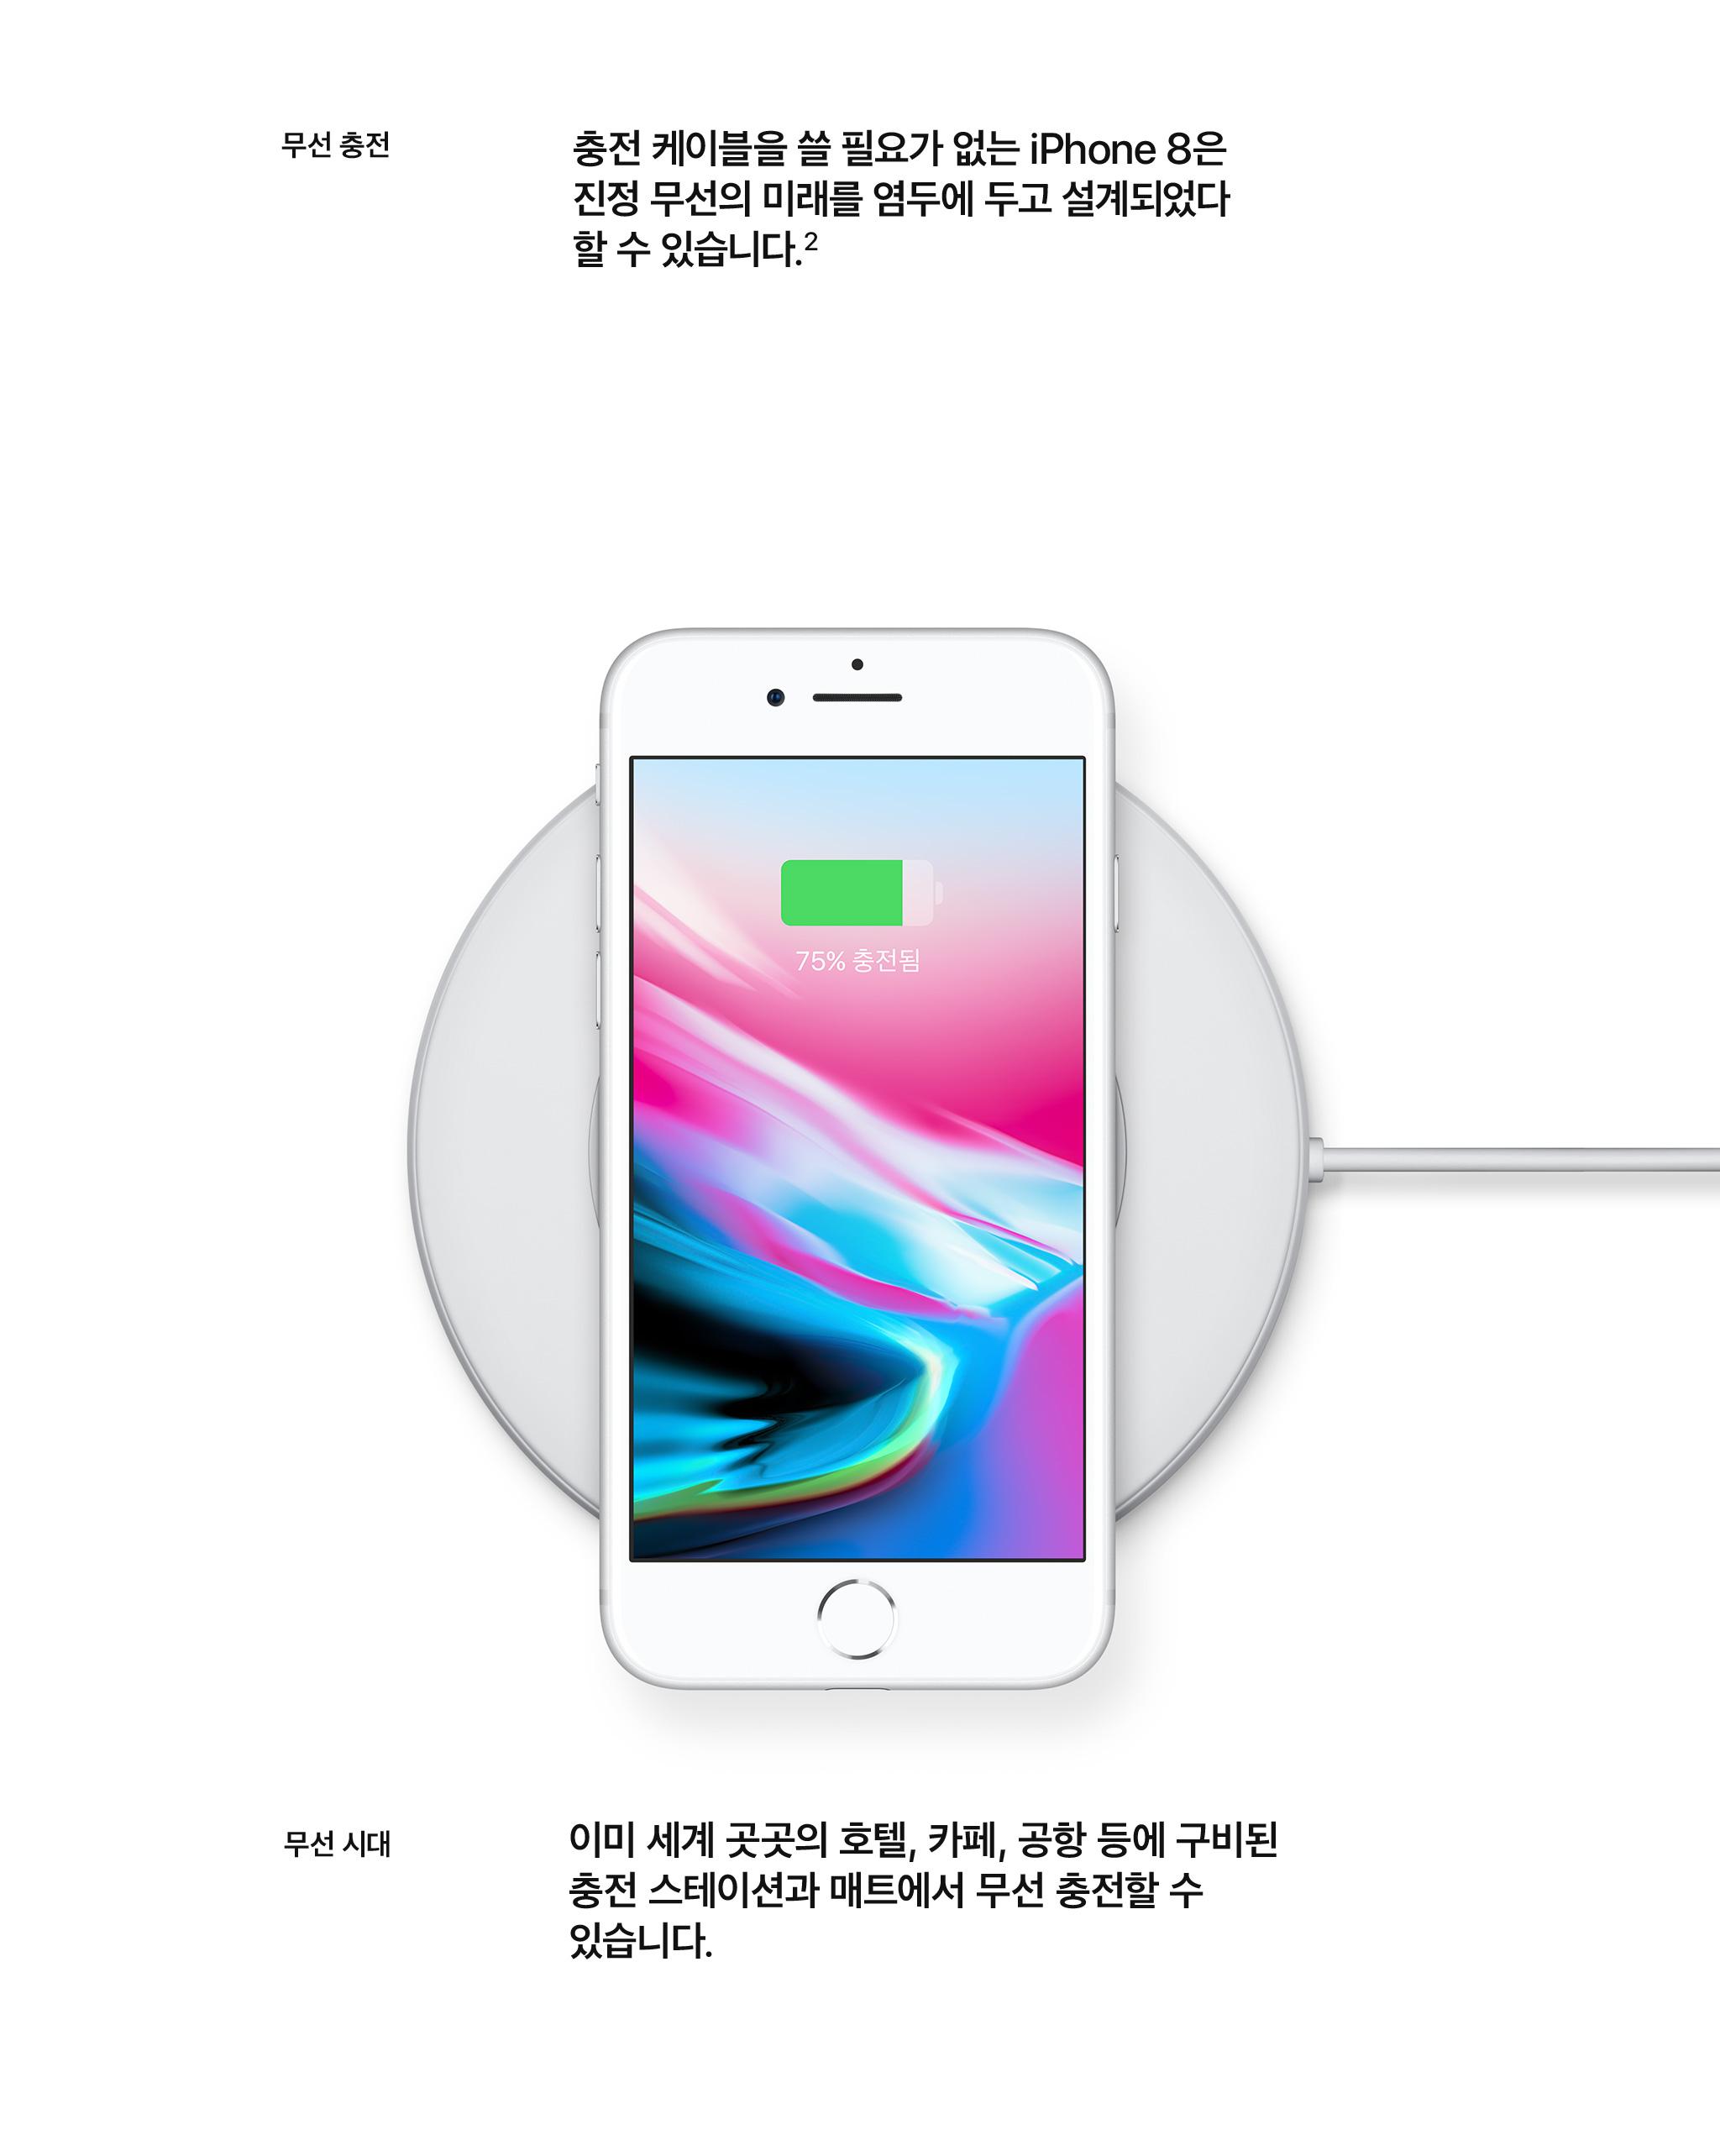 무선충전 충전 케이블을 쓸 필요가 없는 iPhone8은 진정 무선의 미래를 염두에 두고 설계되었다 할 수 있습니다. ² - 무선시대 이미 세계 곳곳의 호텔, 카페, 공항 등에 구비된 충전 스테이션과 매트에서 무선 충전할 수 있습니다.